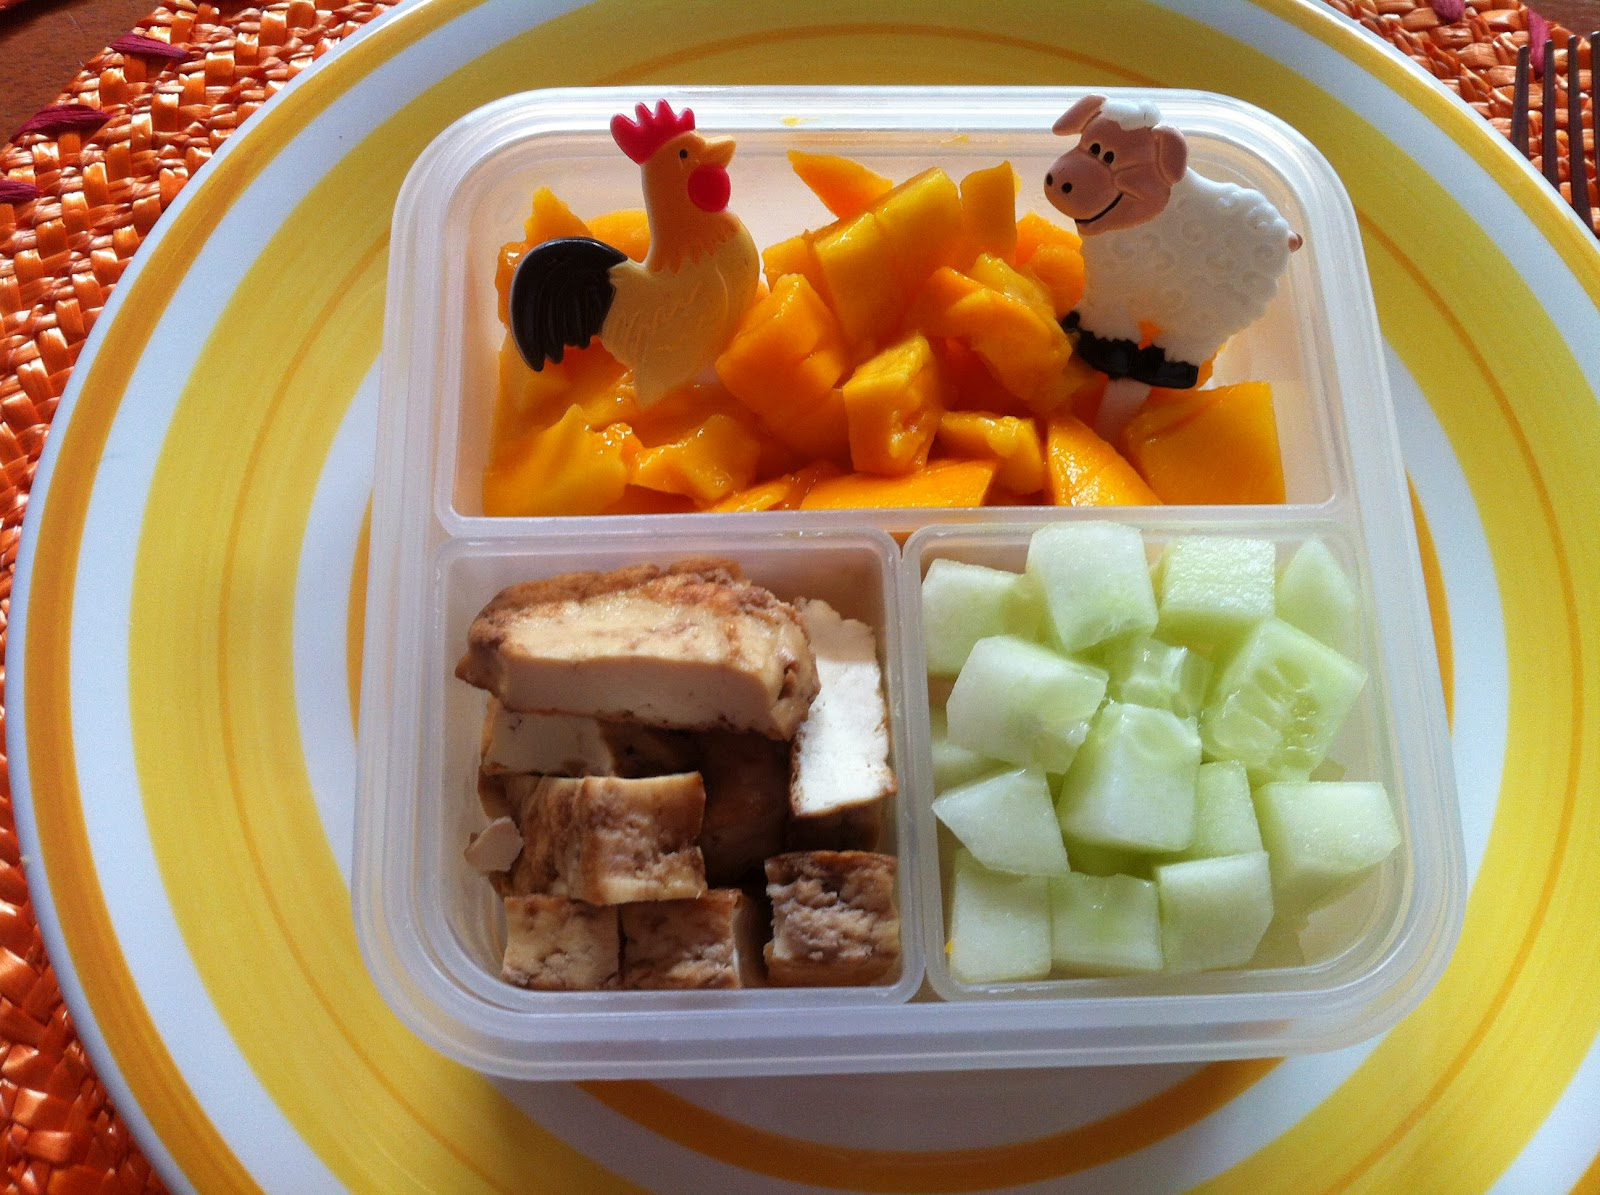 El lunch de mi enano usando la comida del dia anterior for Que hacer para comer